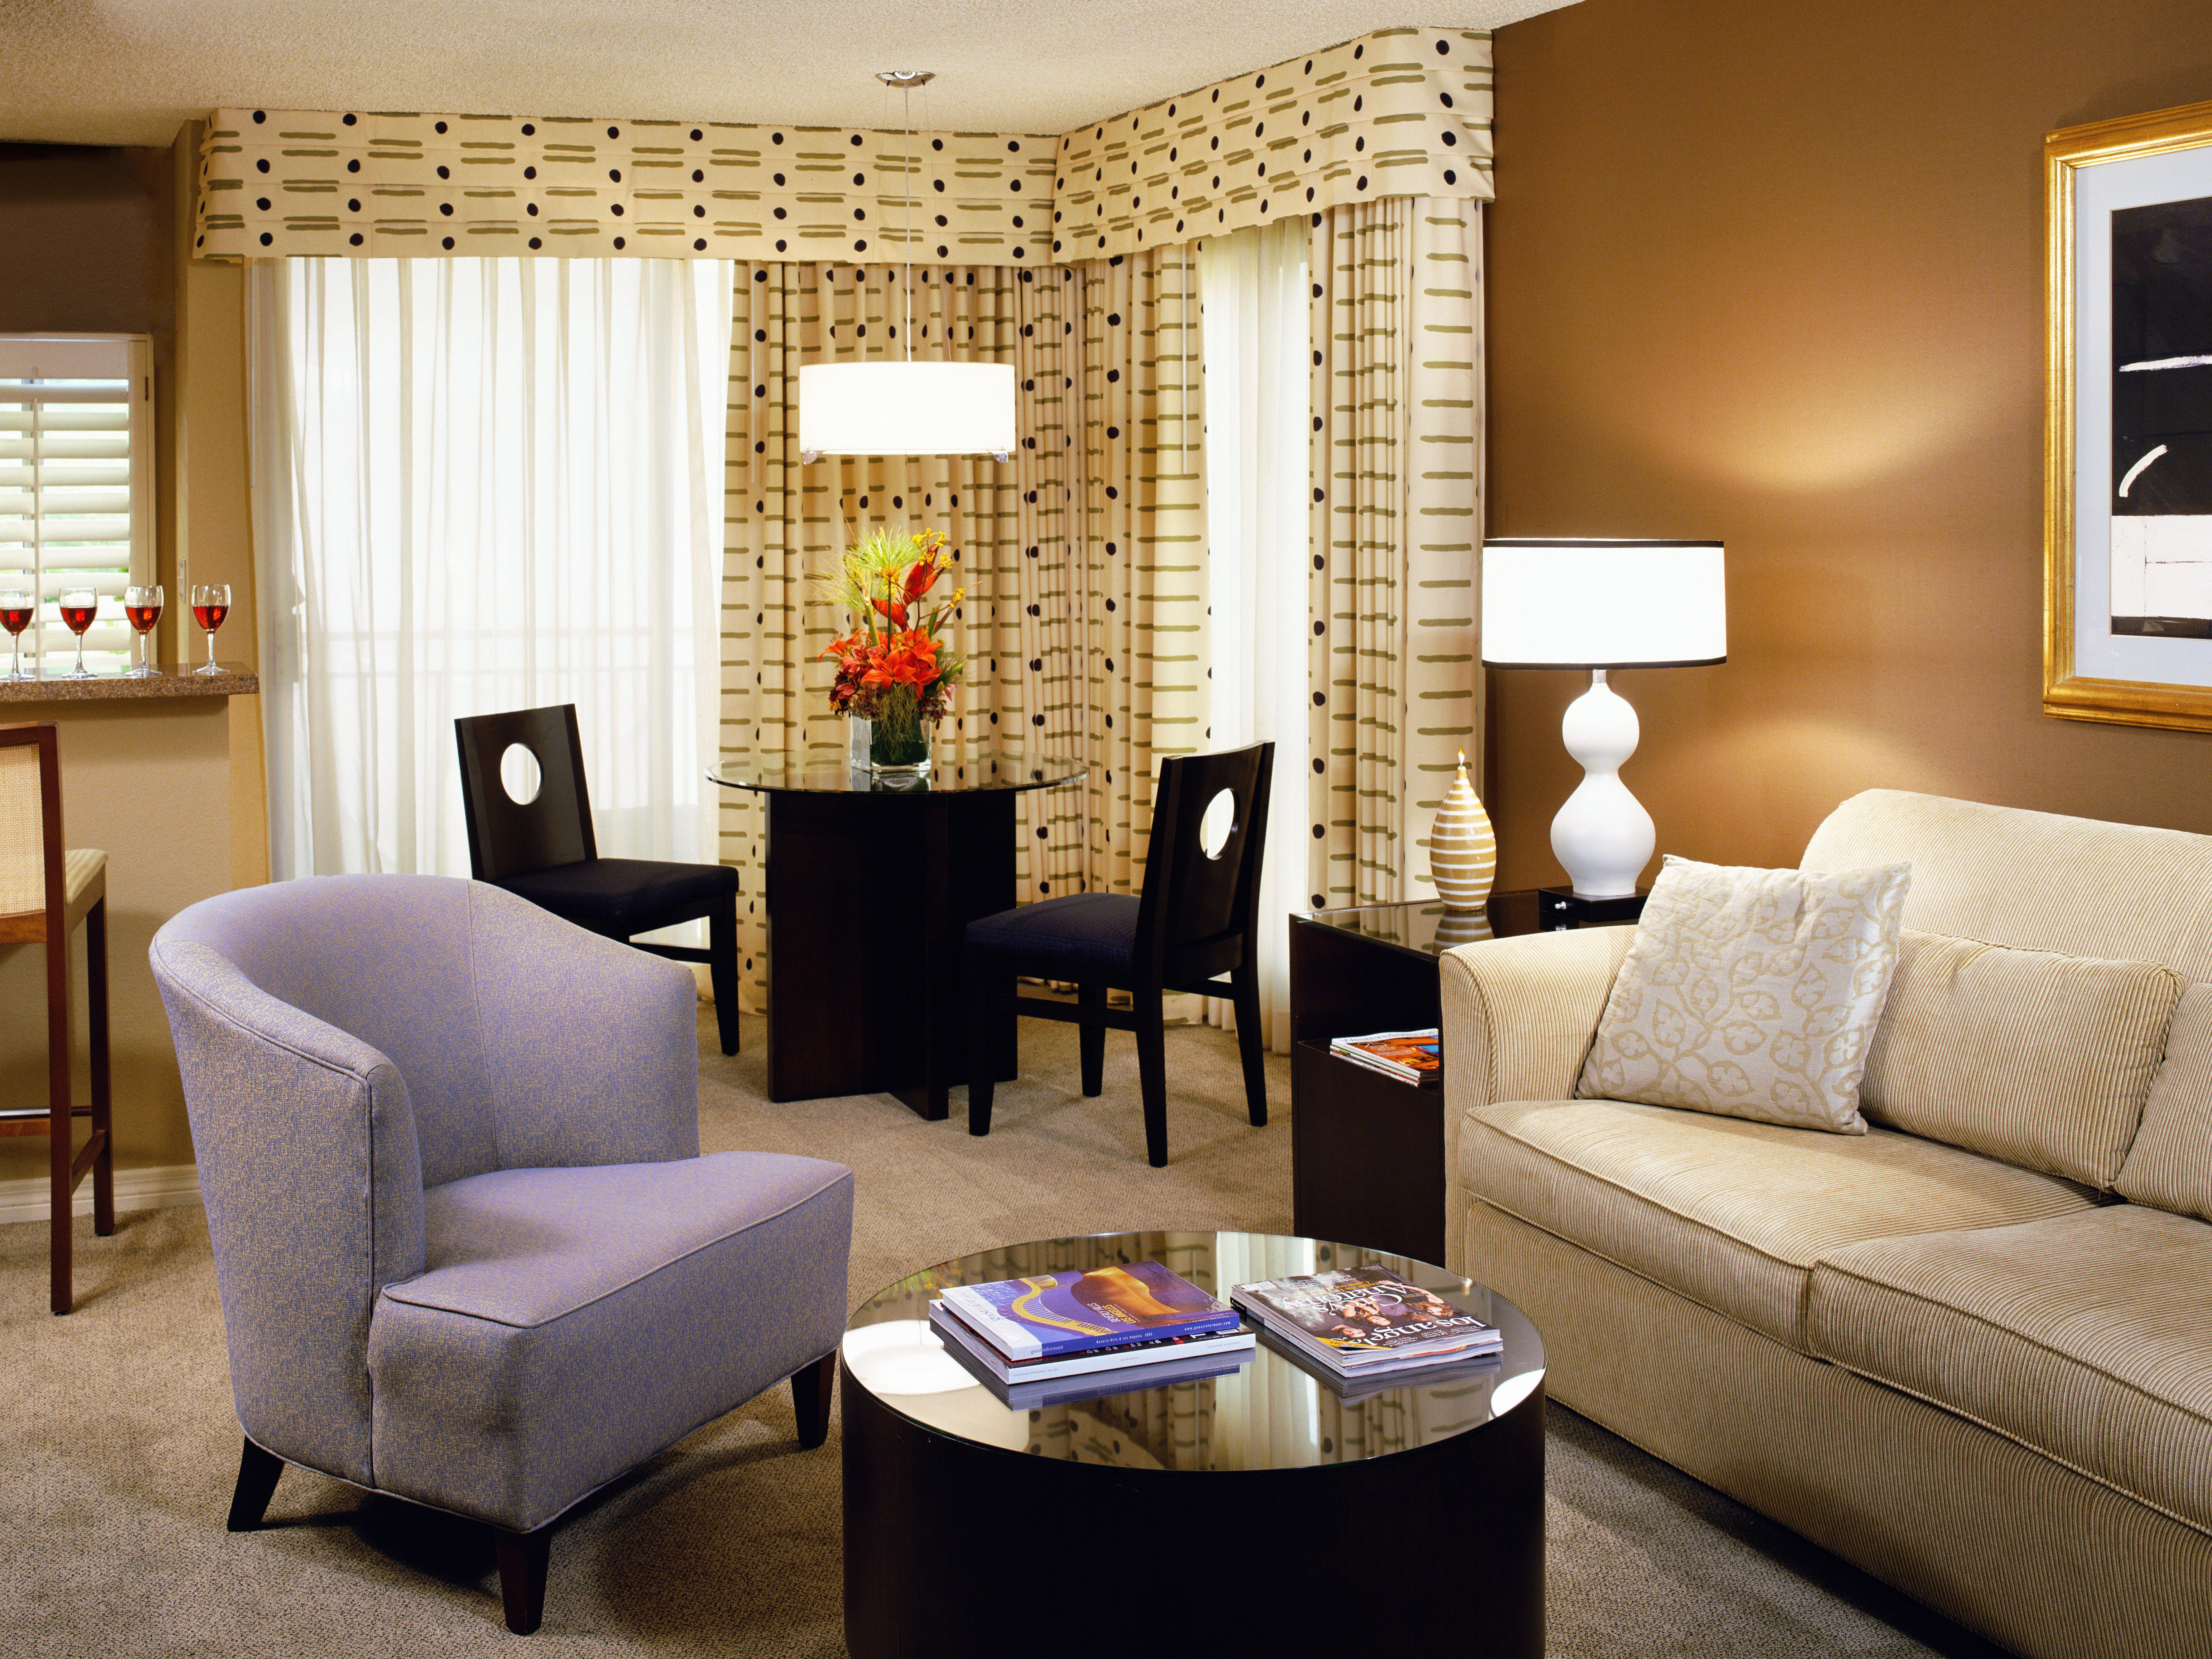 Hip Lounge Luxury sofa living room property Suite home condominium